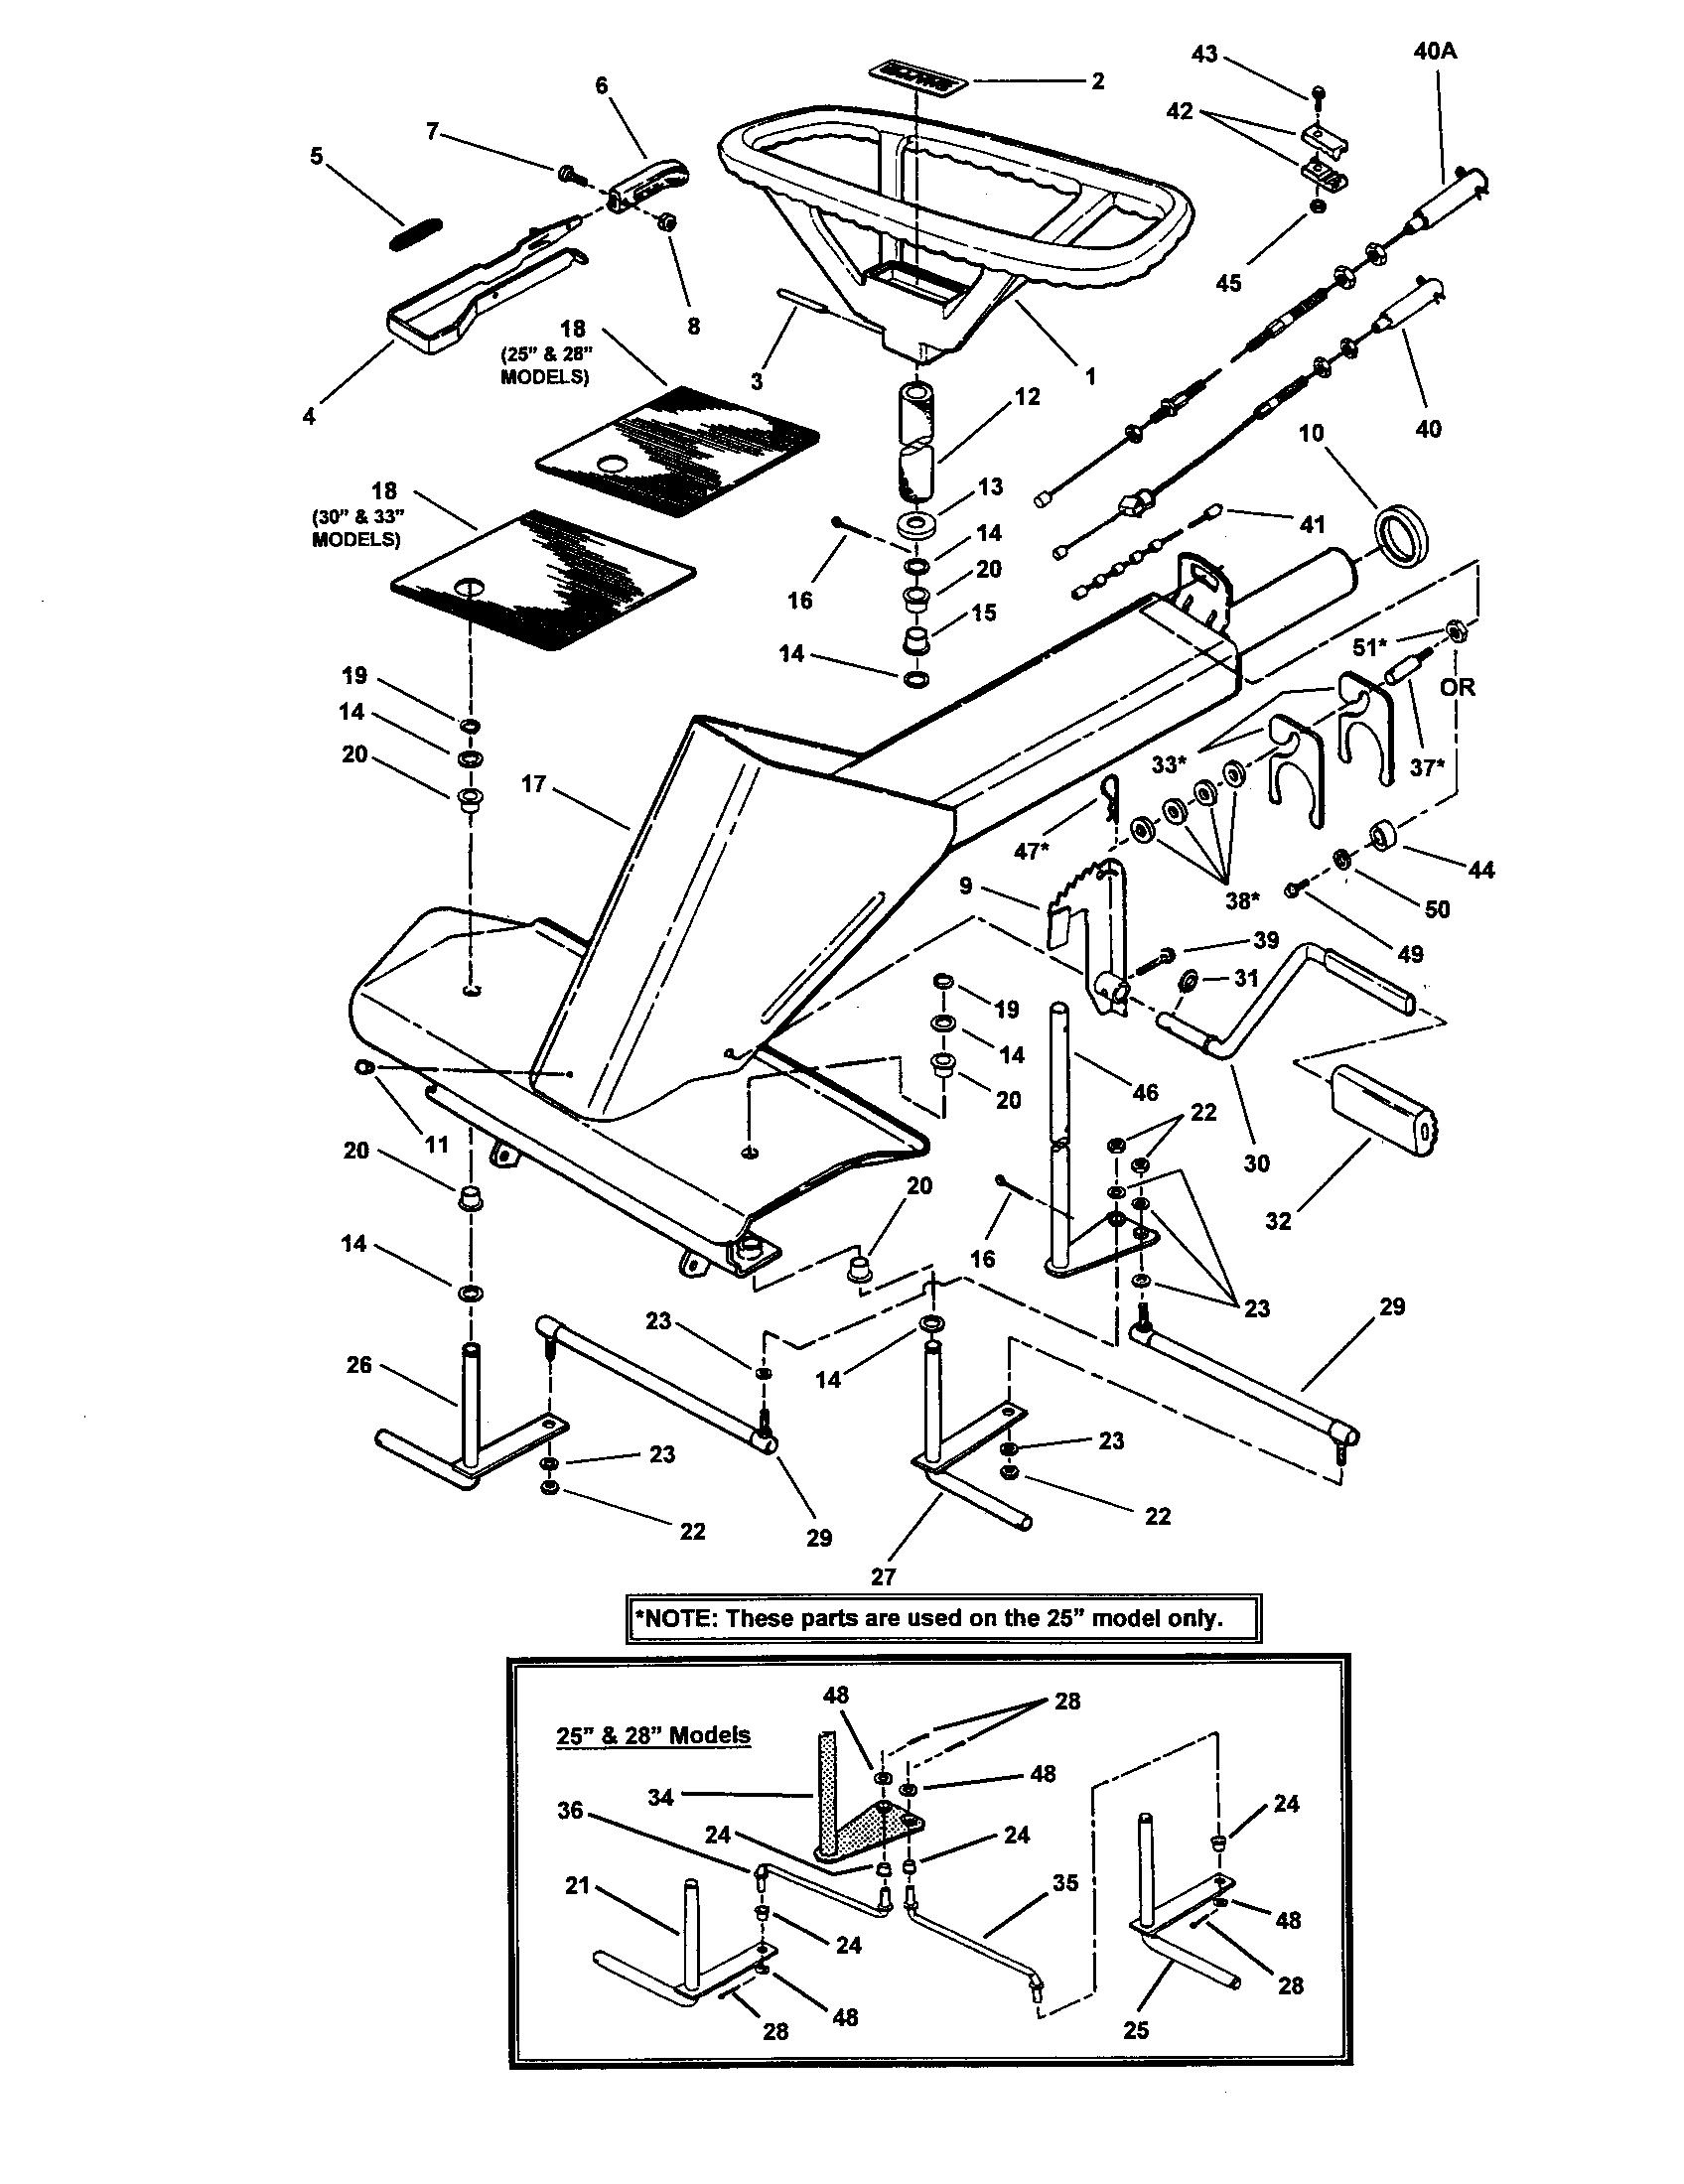 front end steering diagram parts list for model 331416bve snapper